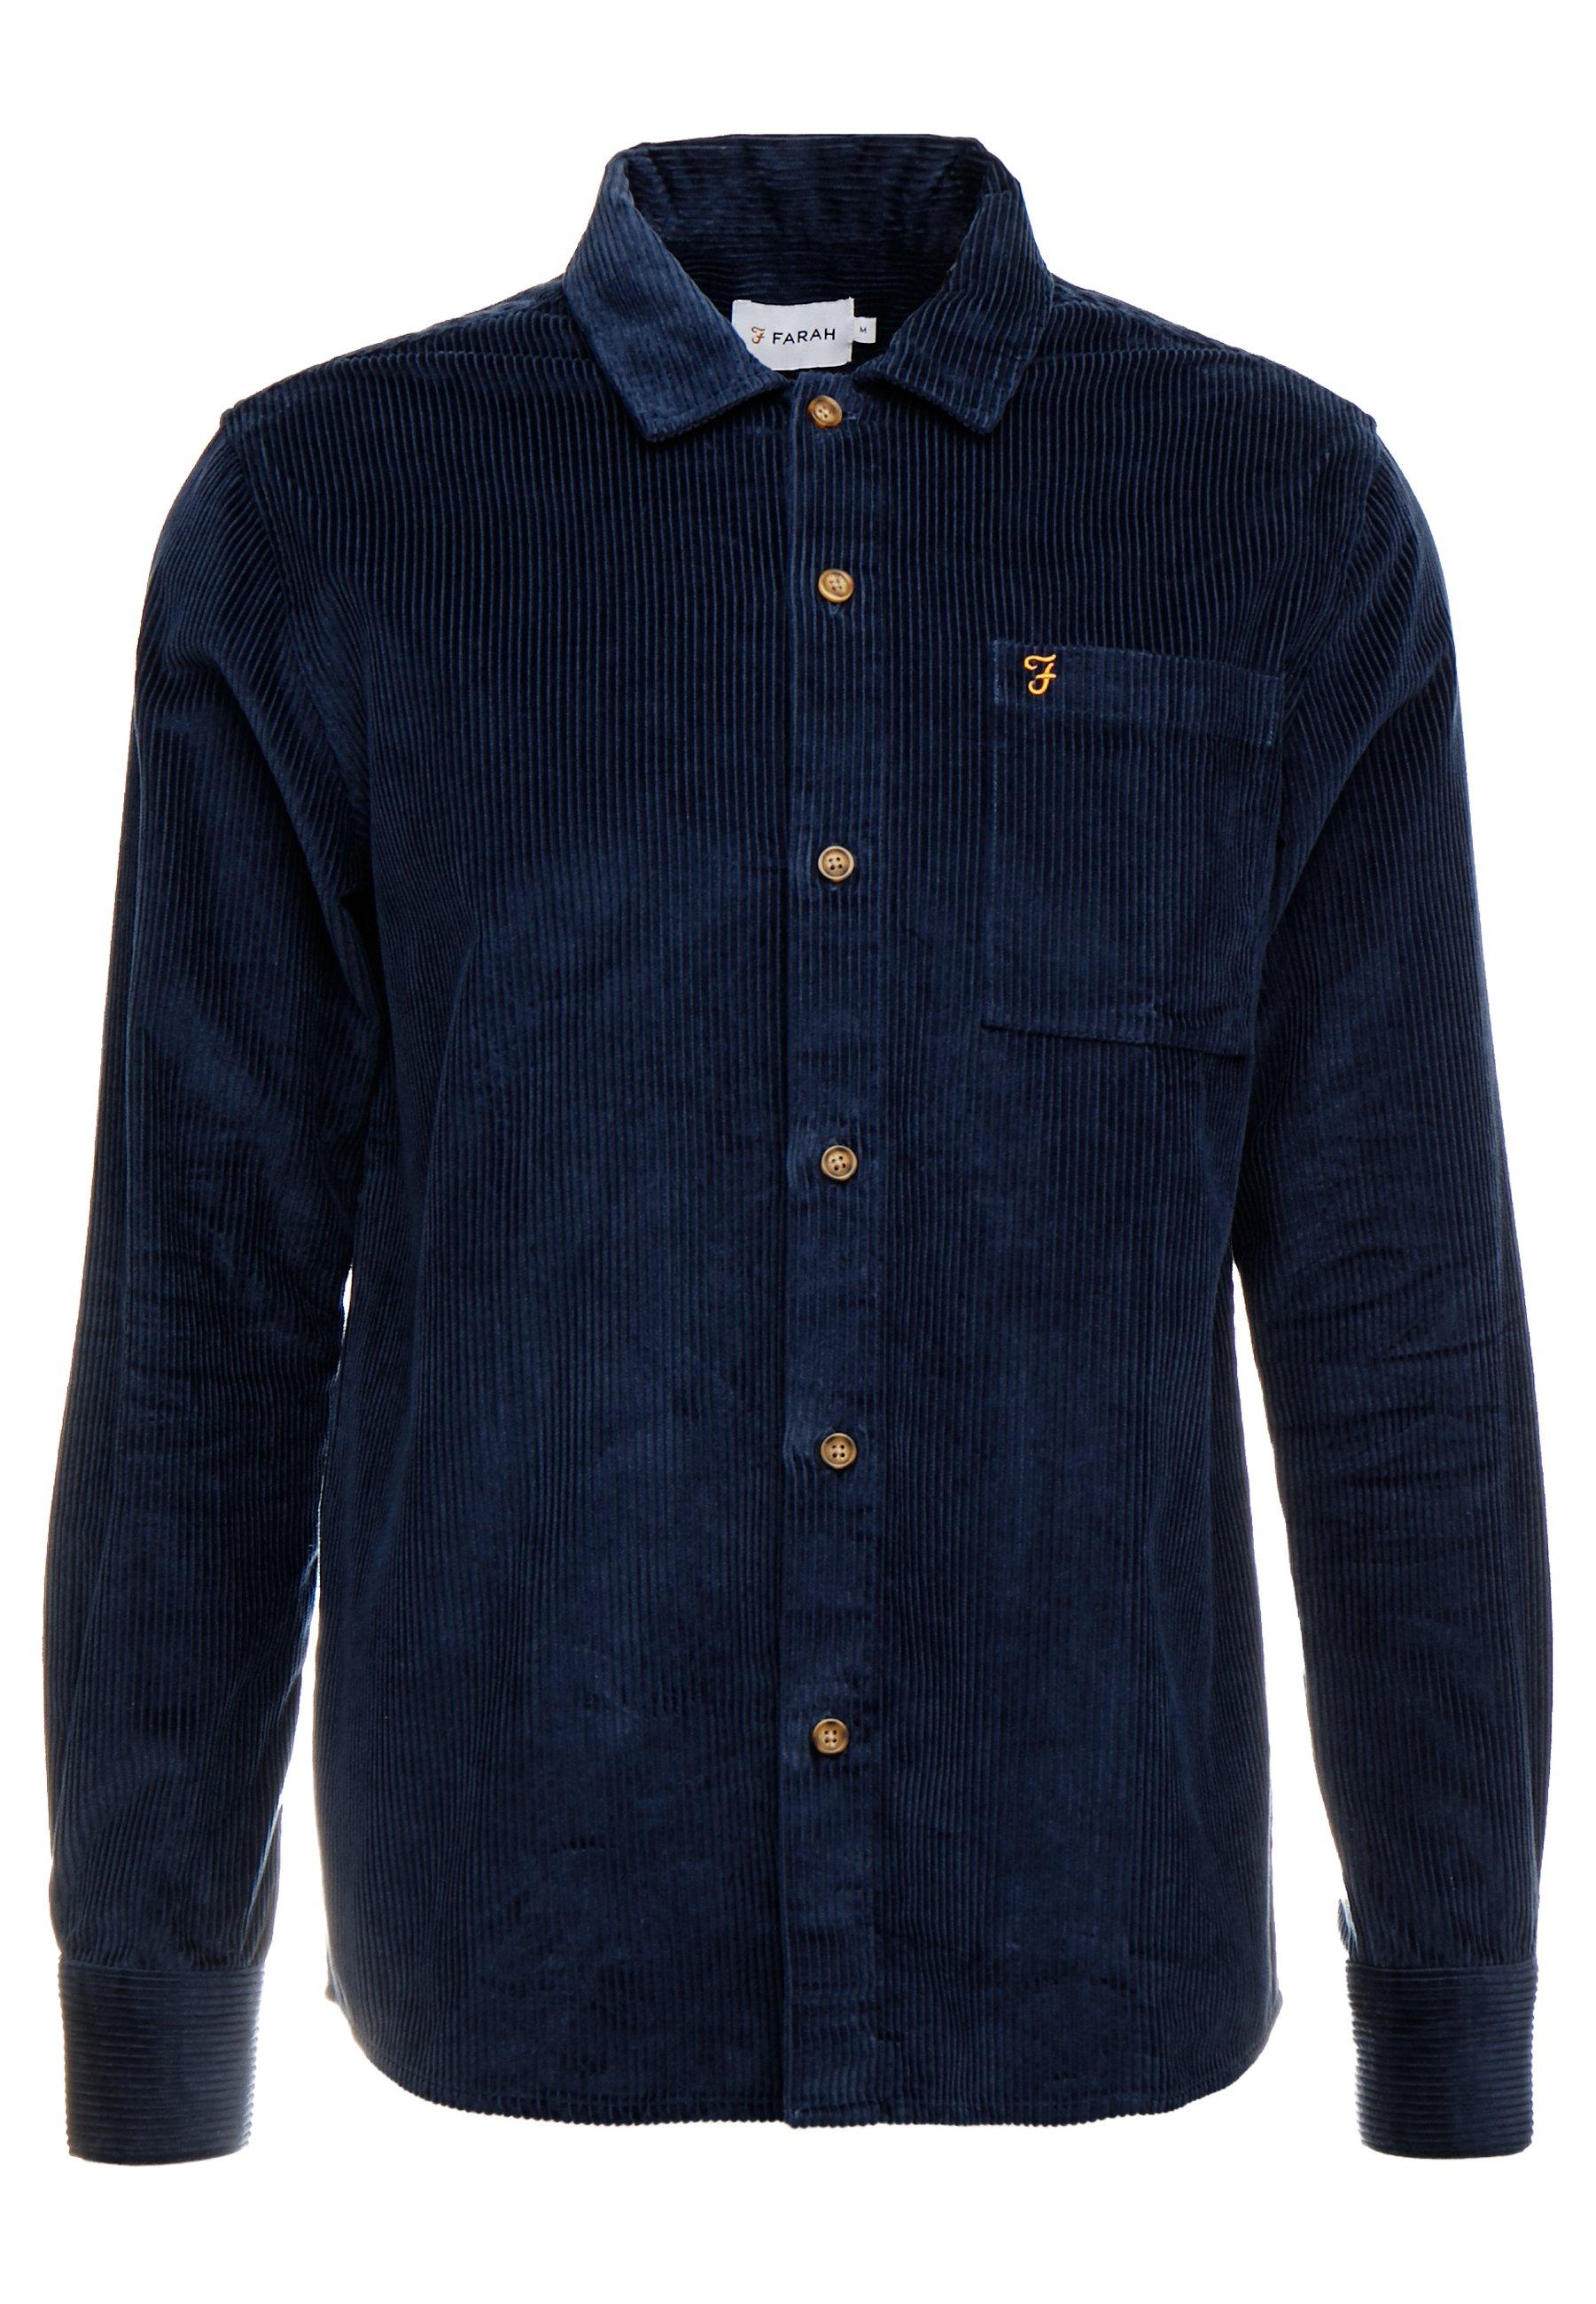 Farah Neukoln Shirt - Skjorta Yale